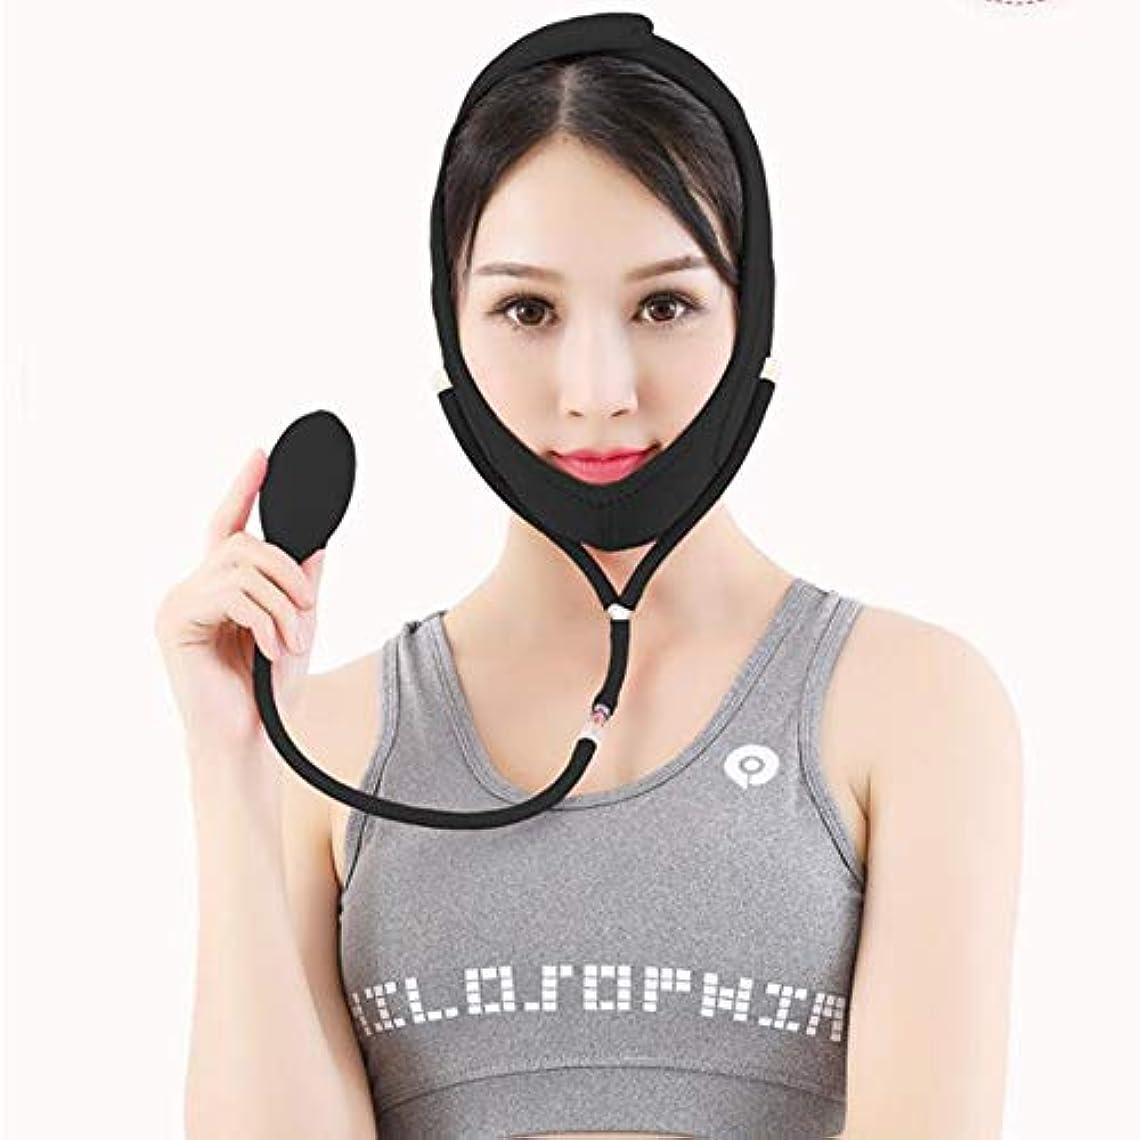 アスペクト間違い大量BS フェイシャルリフティング痩身ベルトダブルエアバッグ圧力調整フェイス包帯マスク整形マスクが顔を引き締める フェイスリフティングアーティファクト (Color : Black, Size : M)